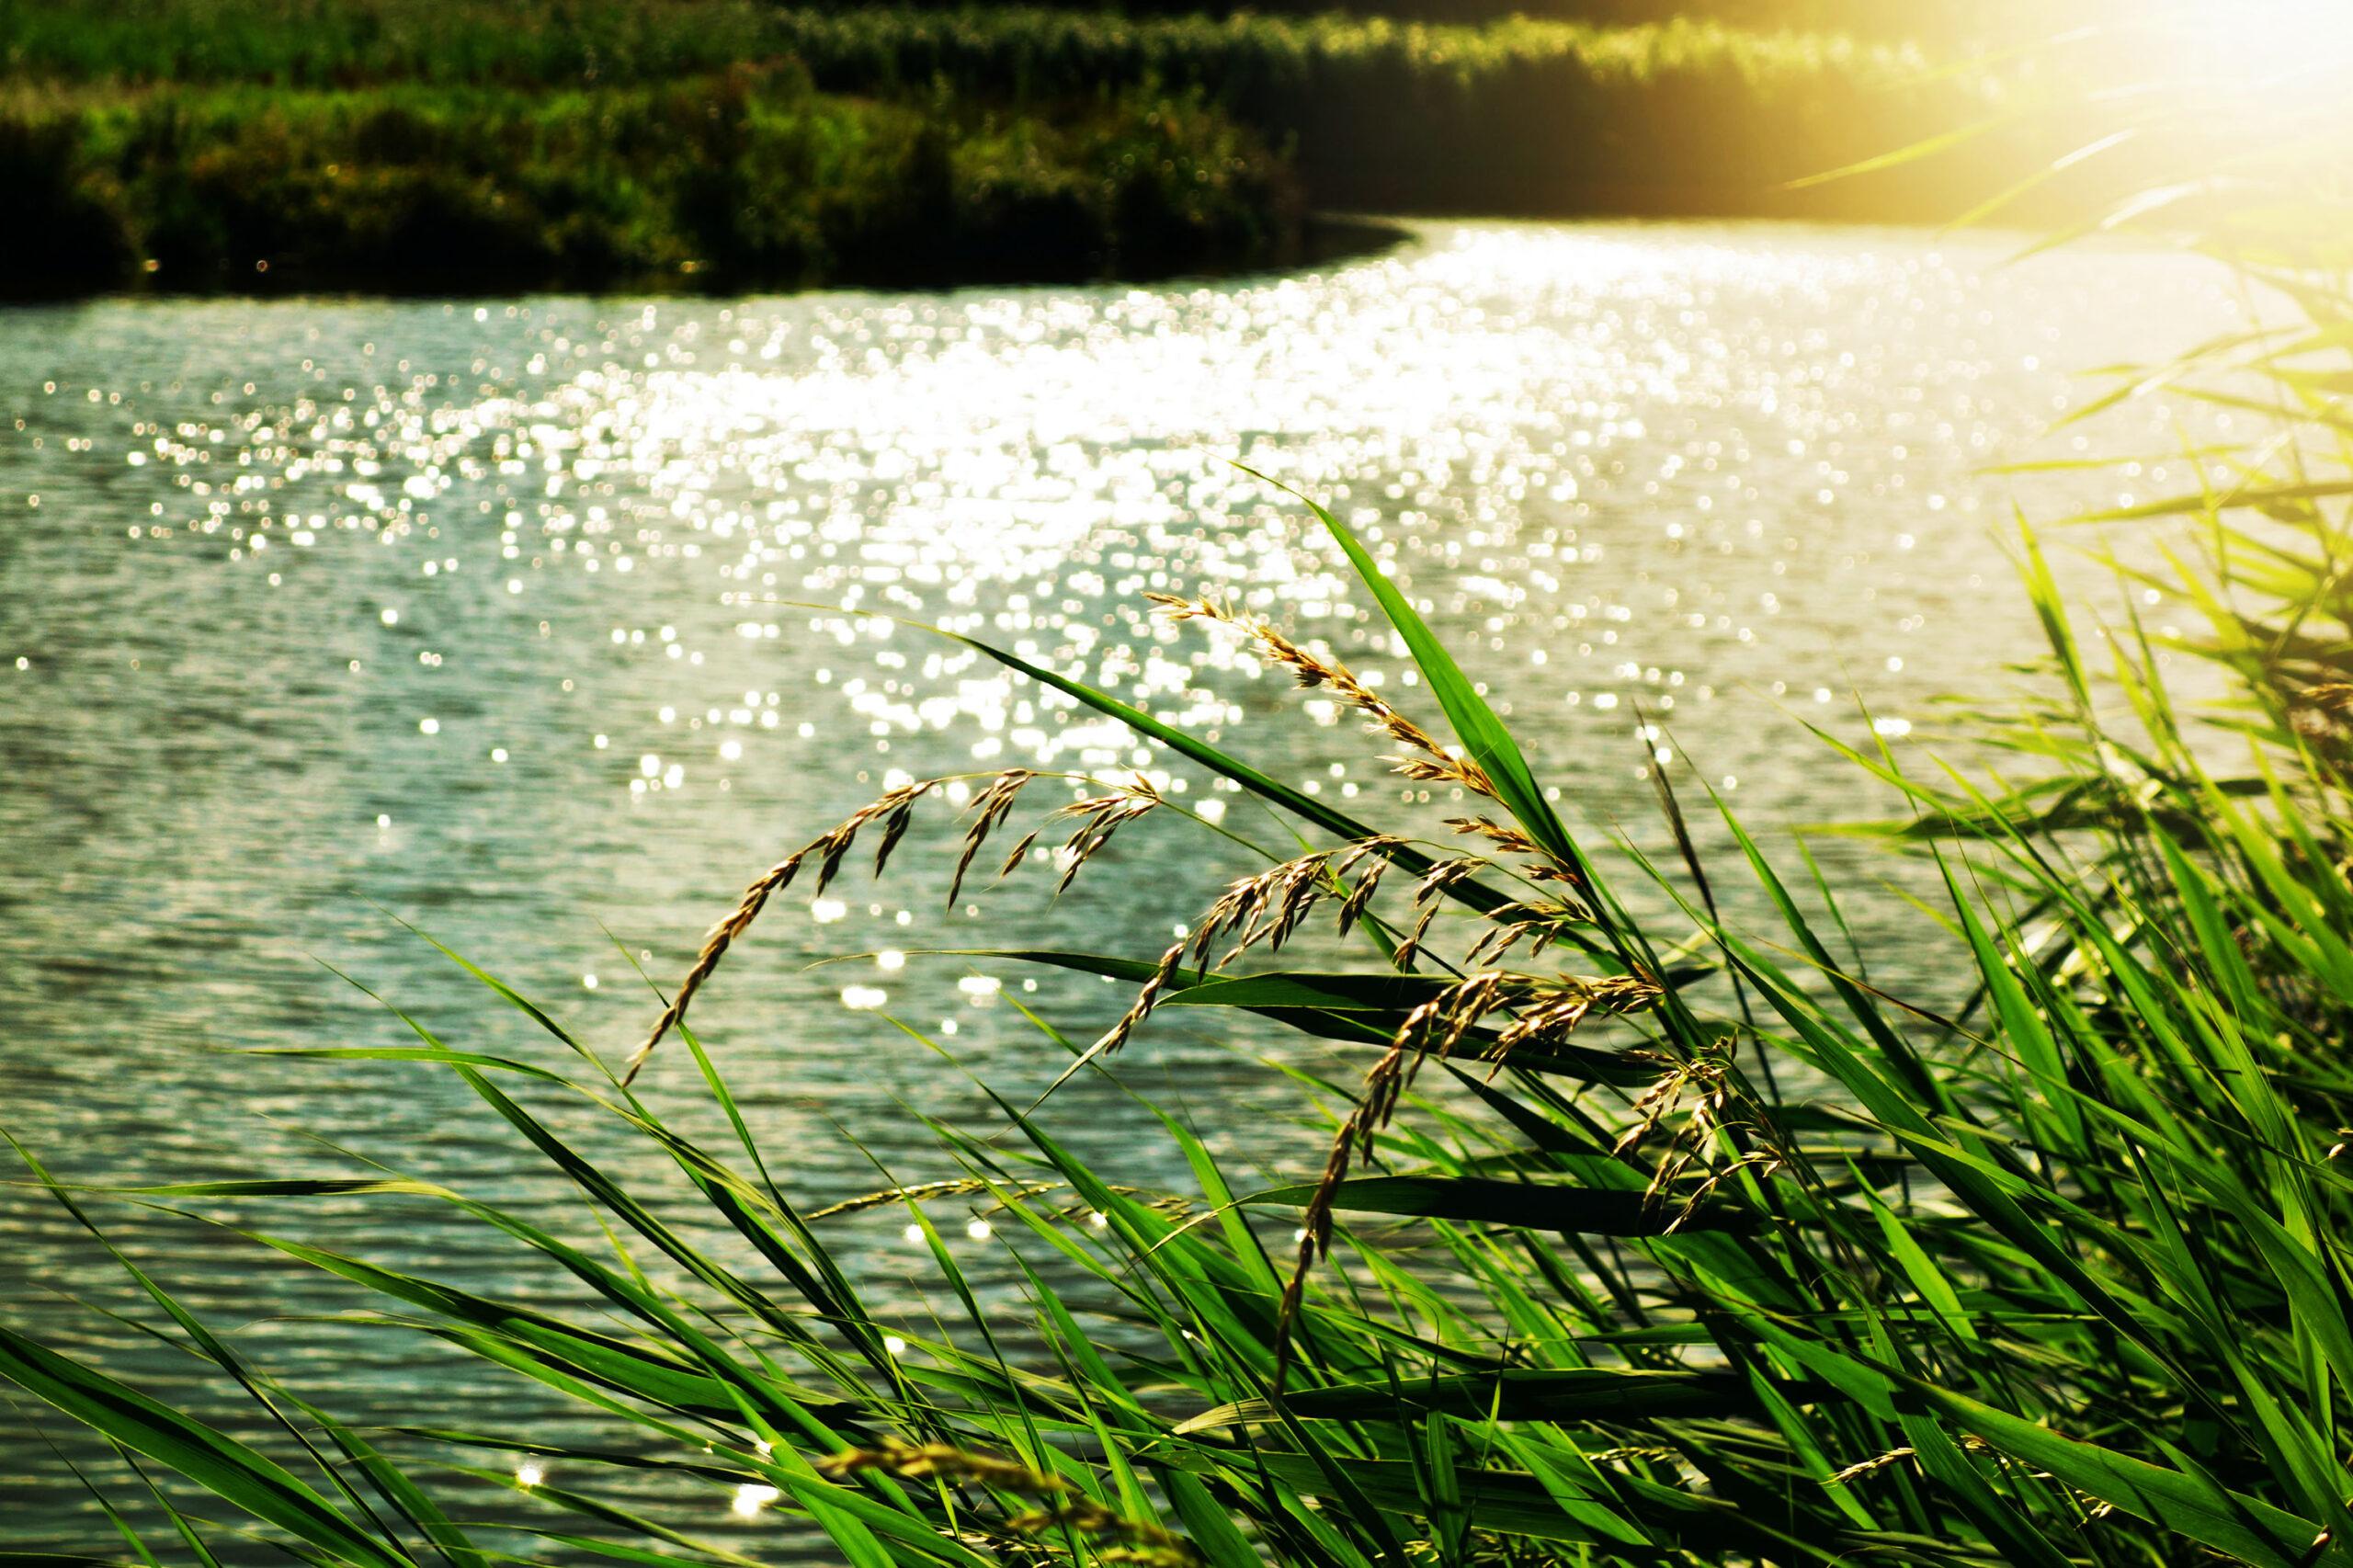 Sonne Natur Wasser Grün